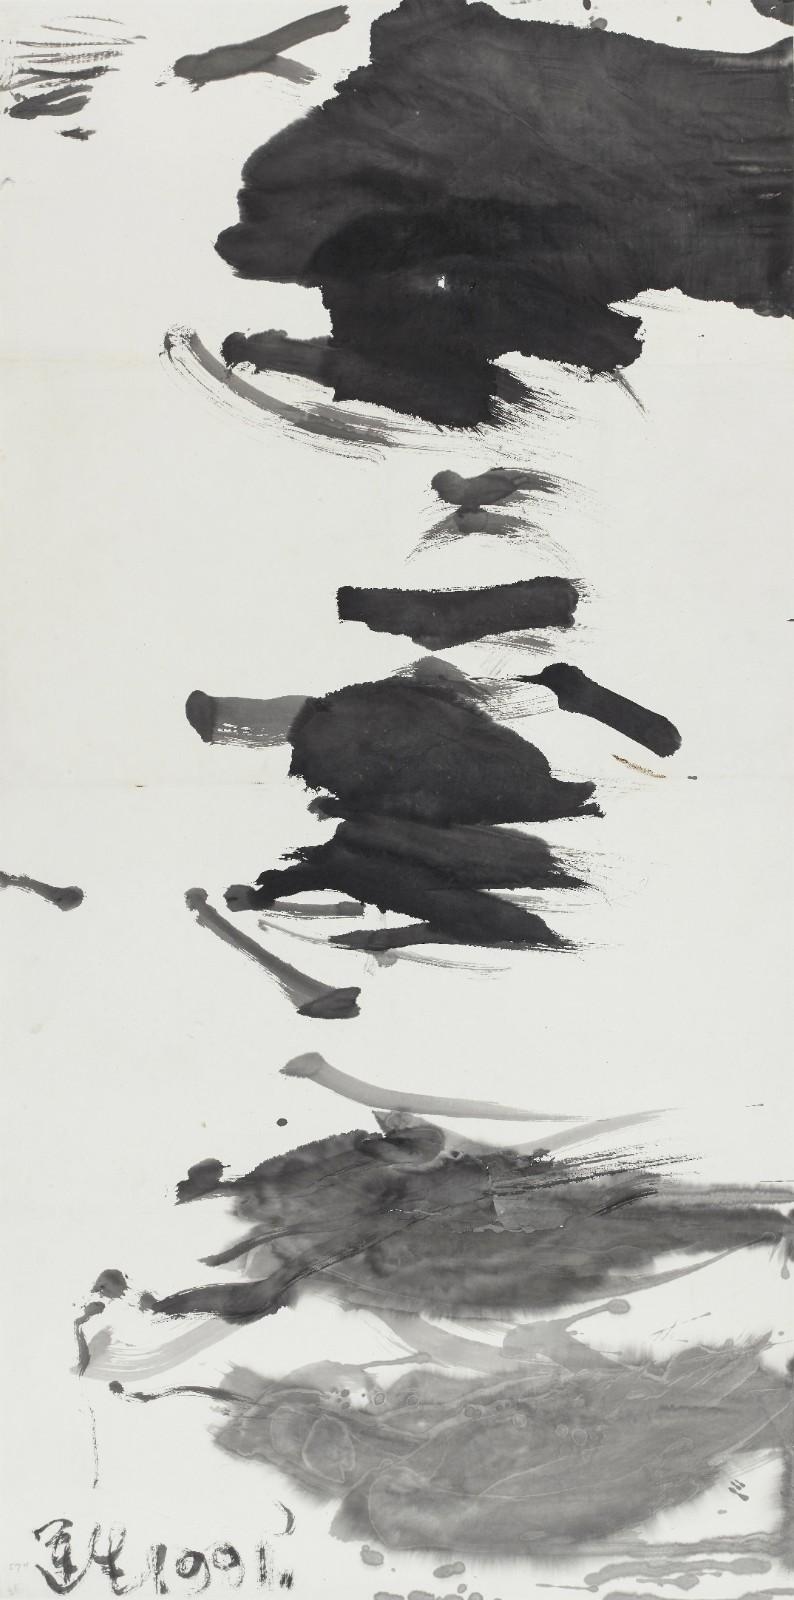 27-1 袁运生-眺望西方 Looking west-纸本水墨 136x70cm-1991.JPG